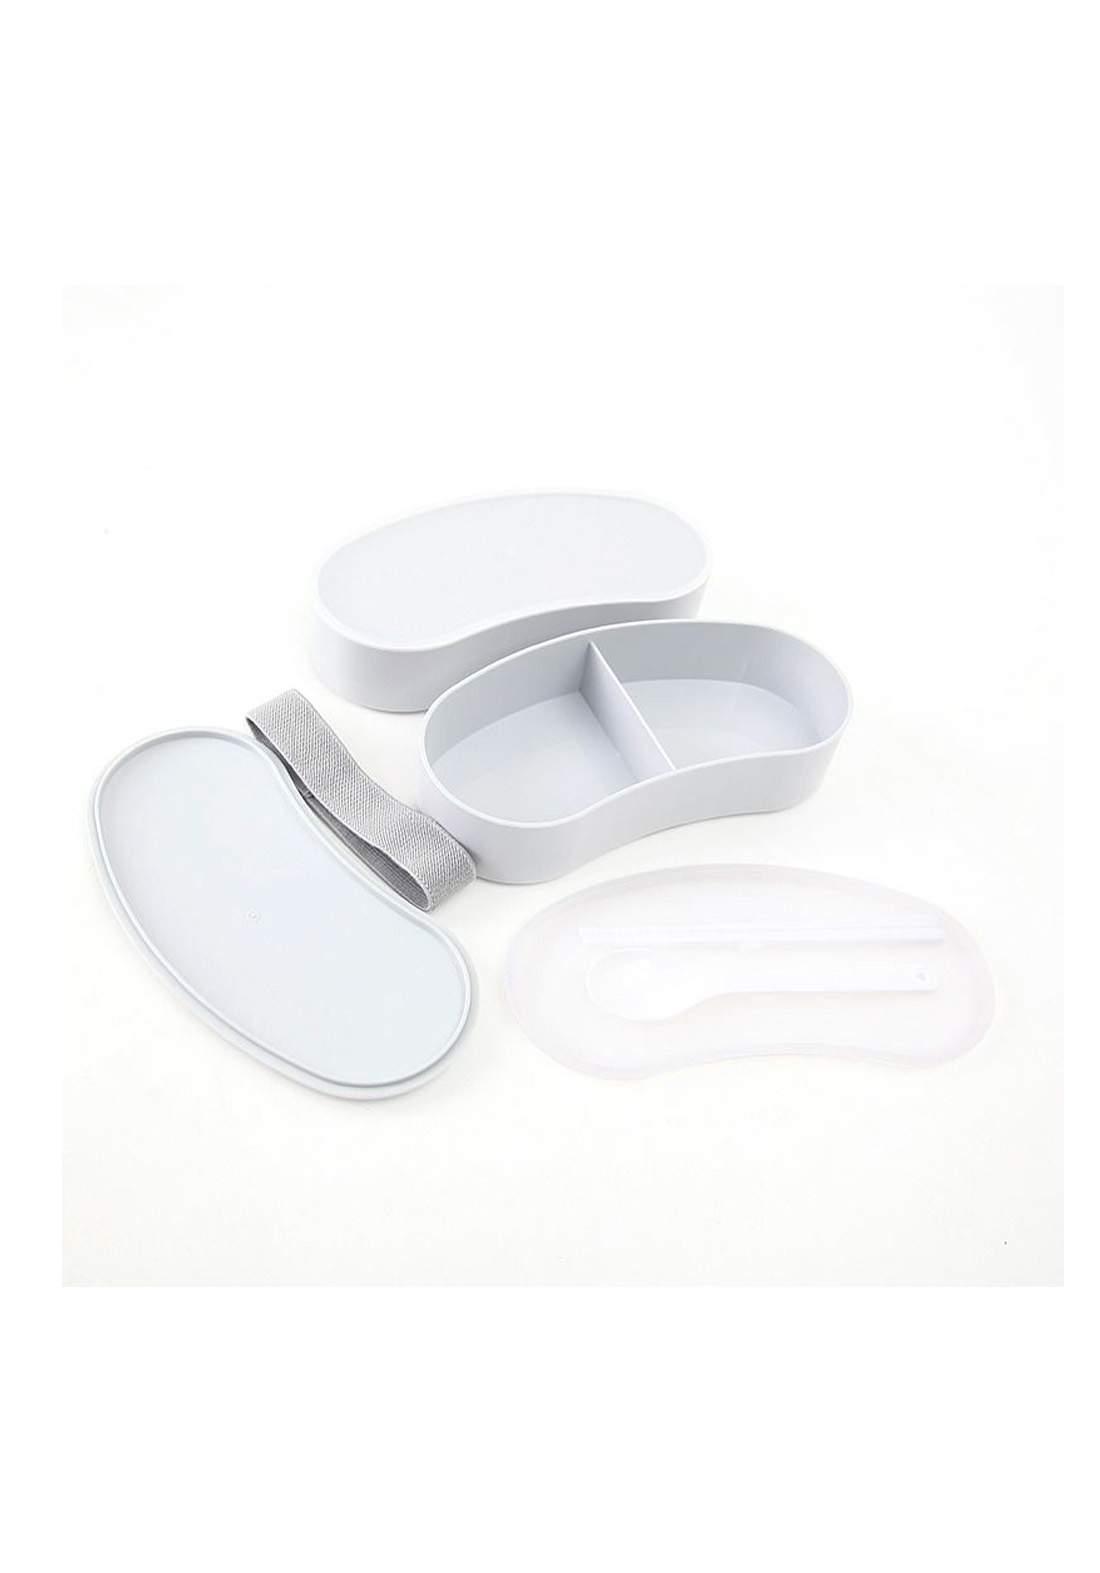 حافظة طعام بلاستيك بيضاء اللون